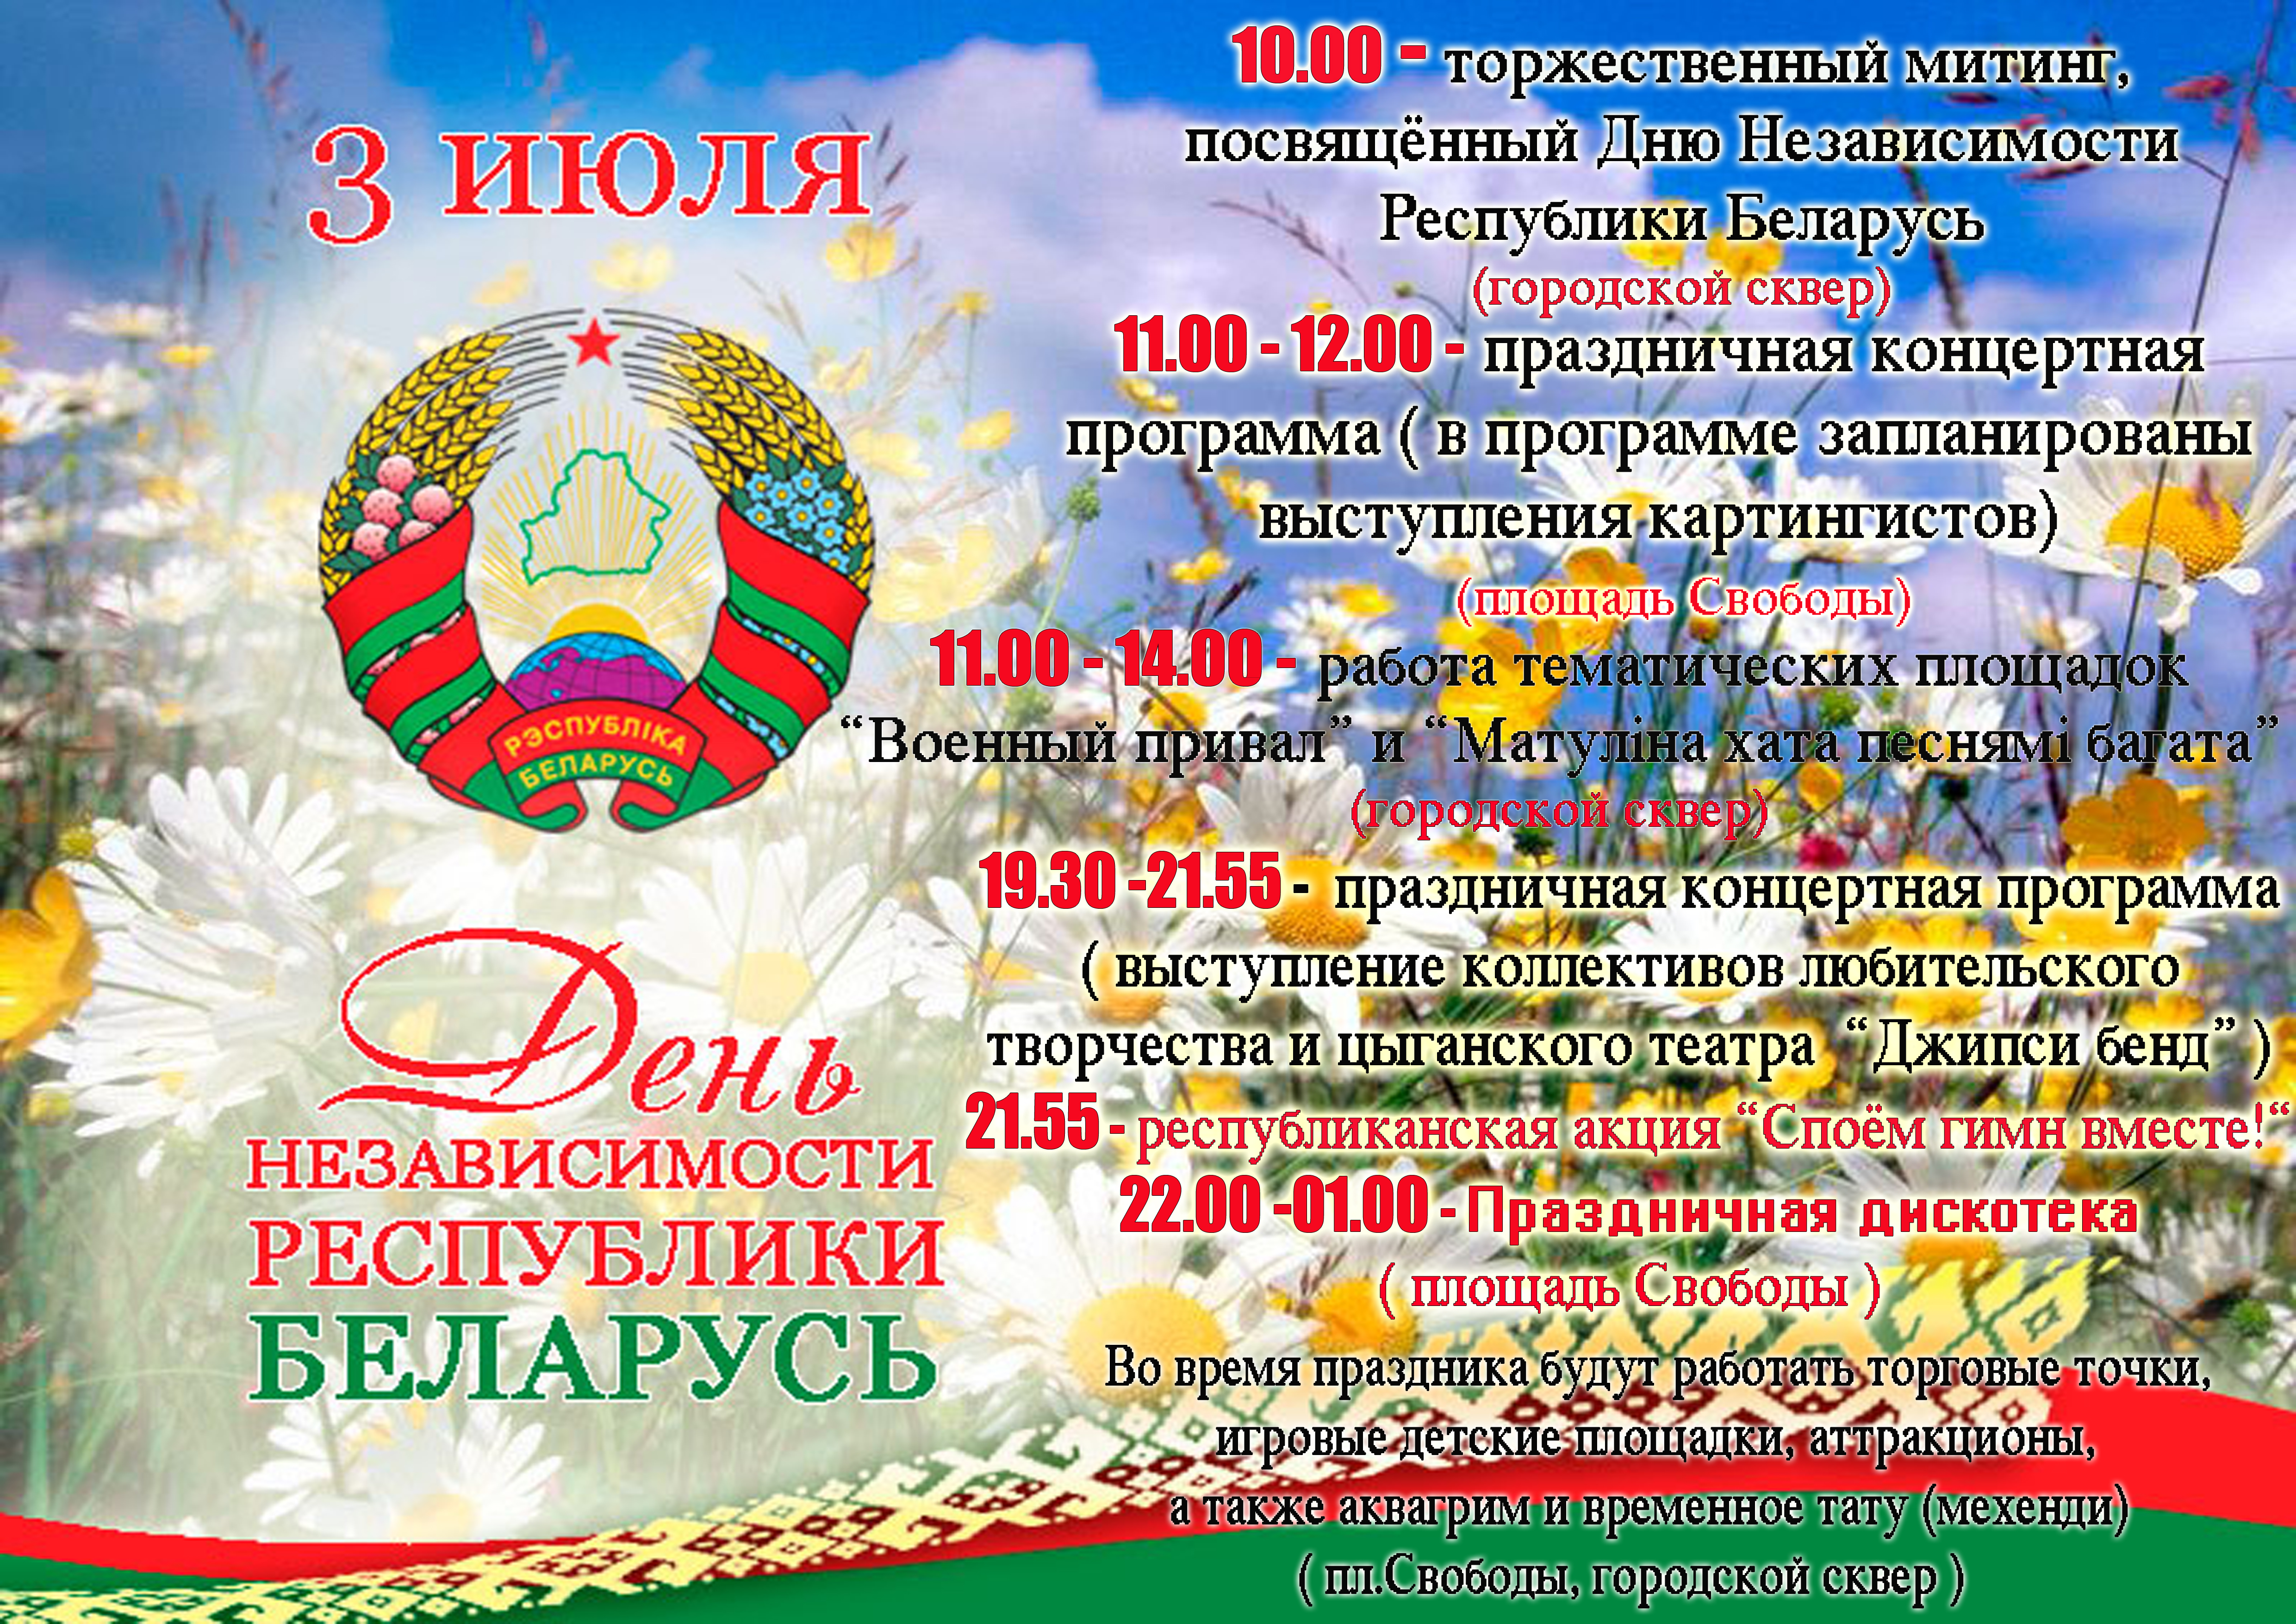 Картинки на день независимости республики беларусь